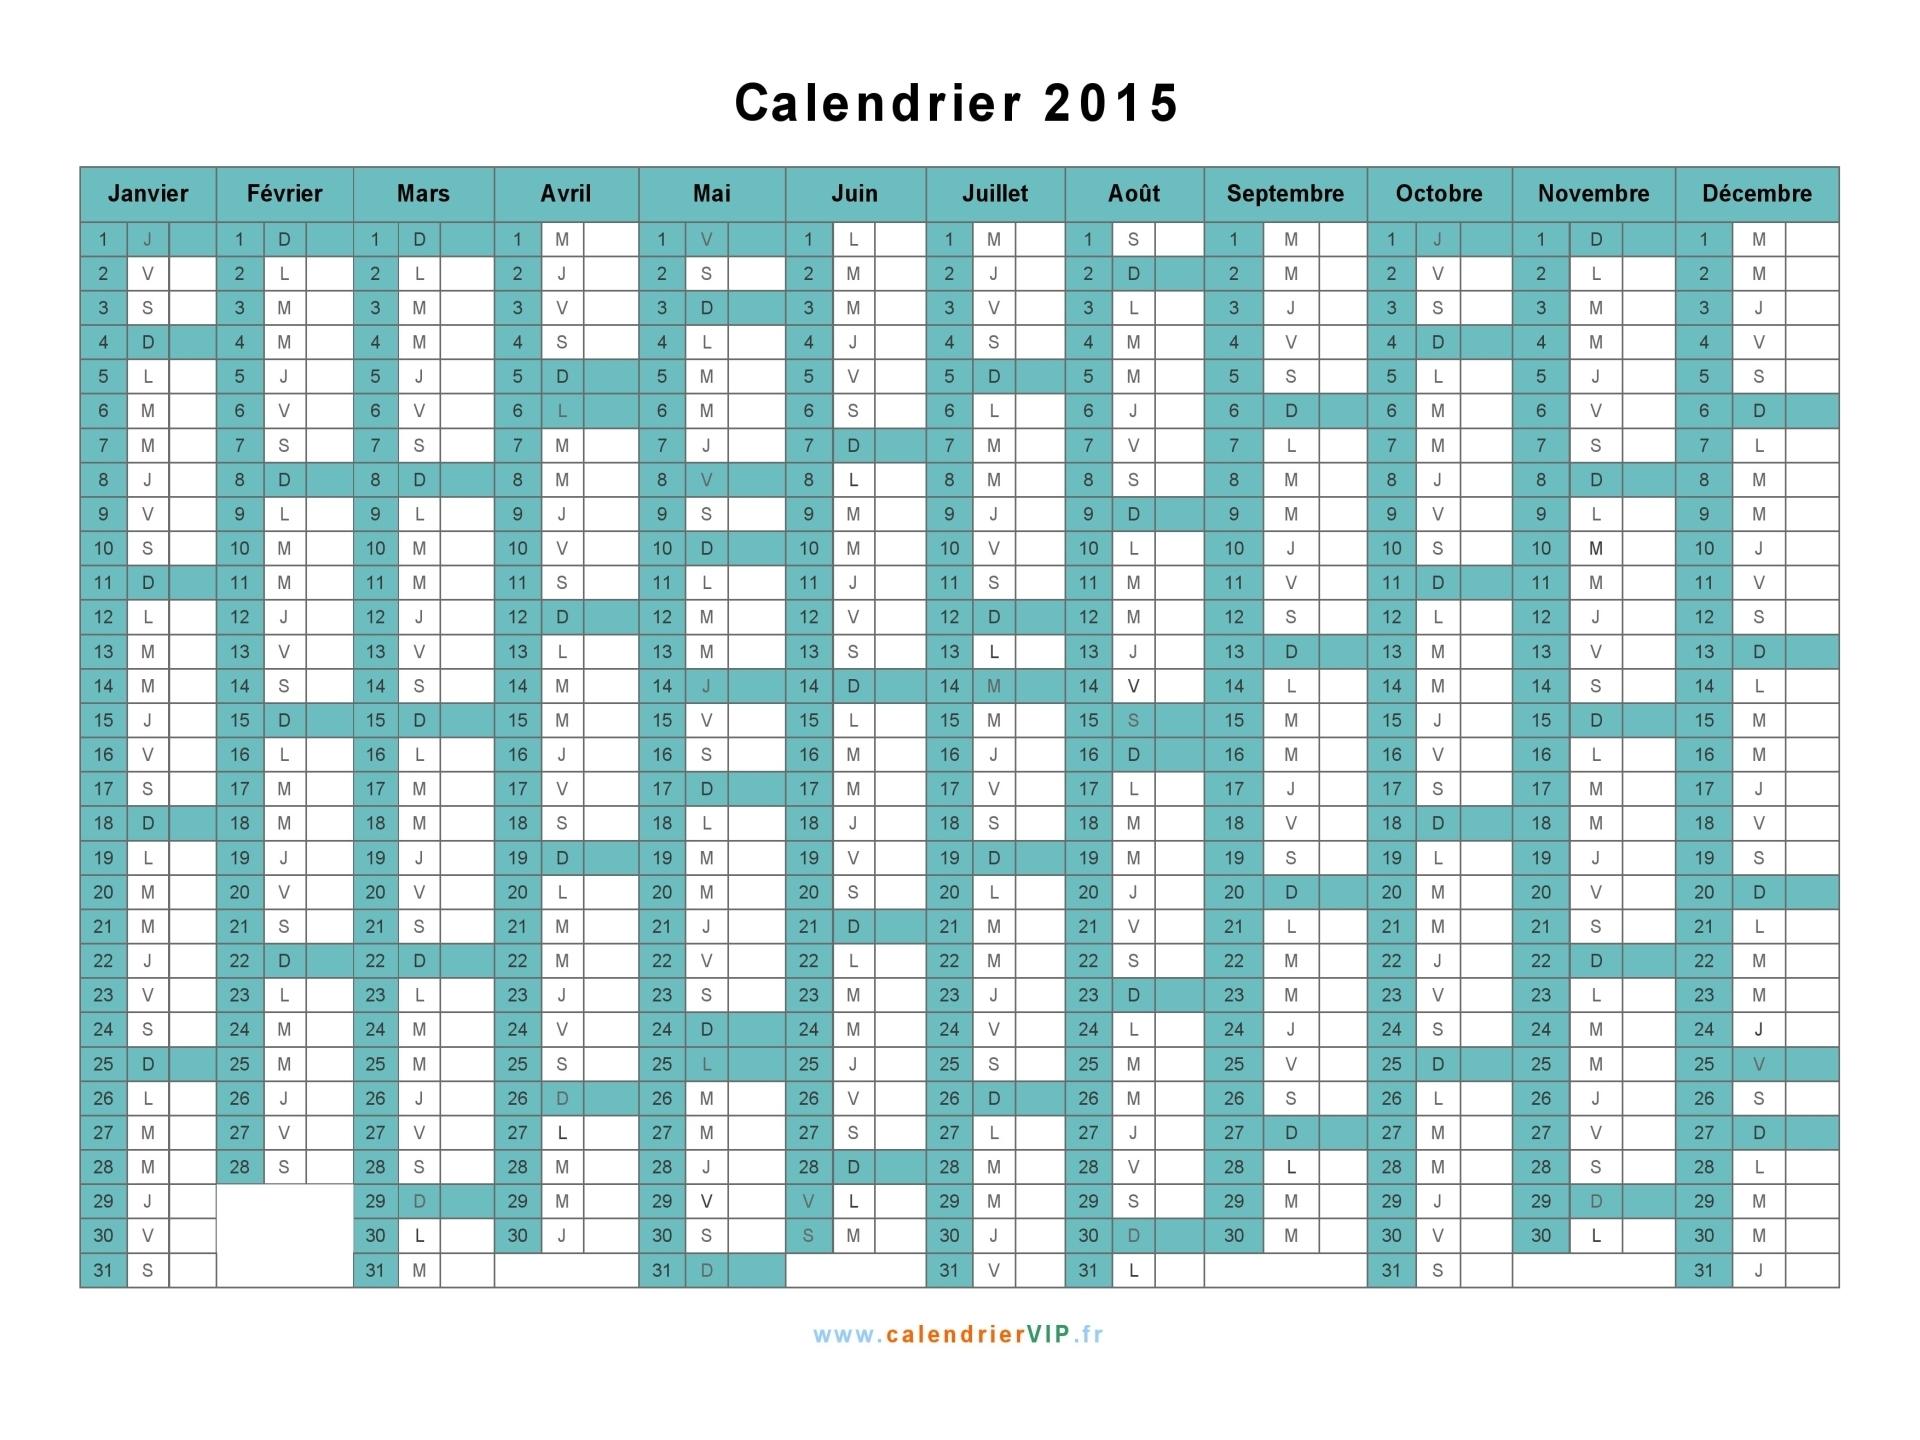 Quadax Julian Calendar 2016 | Calendar Template 2016